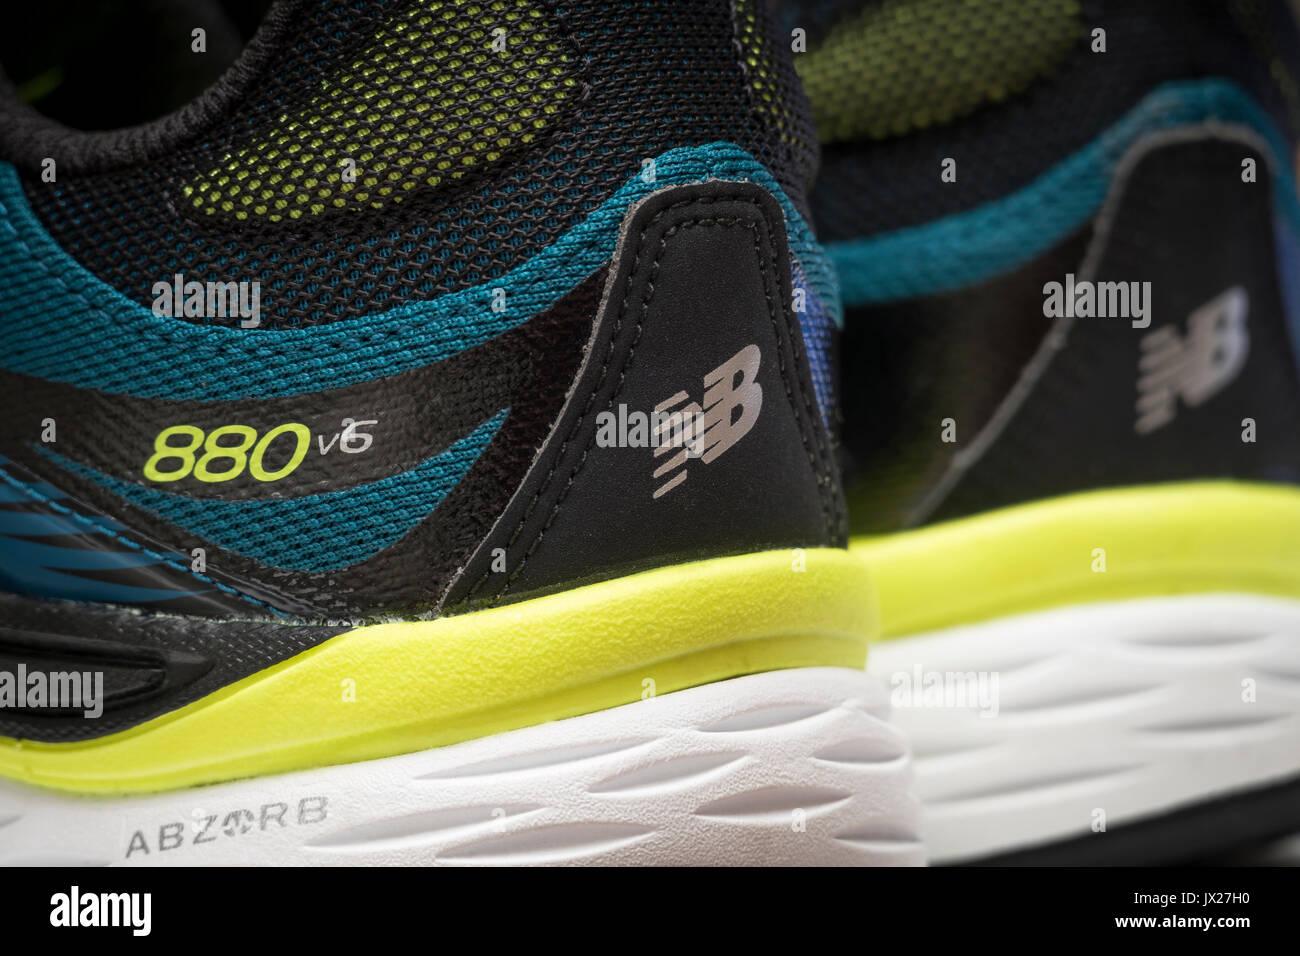 New Balance 880 v6 chaussures de course, gros plan vue arrière Photo Stock